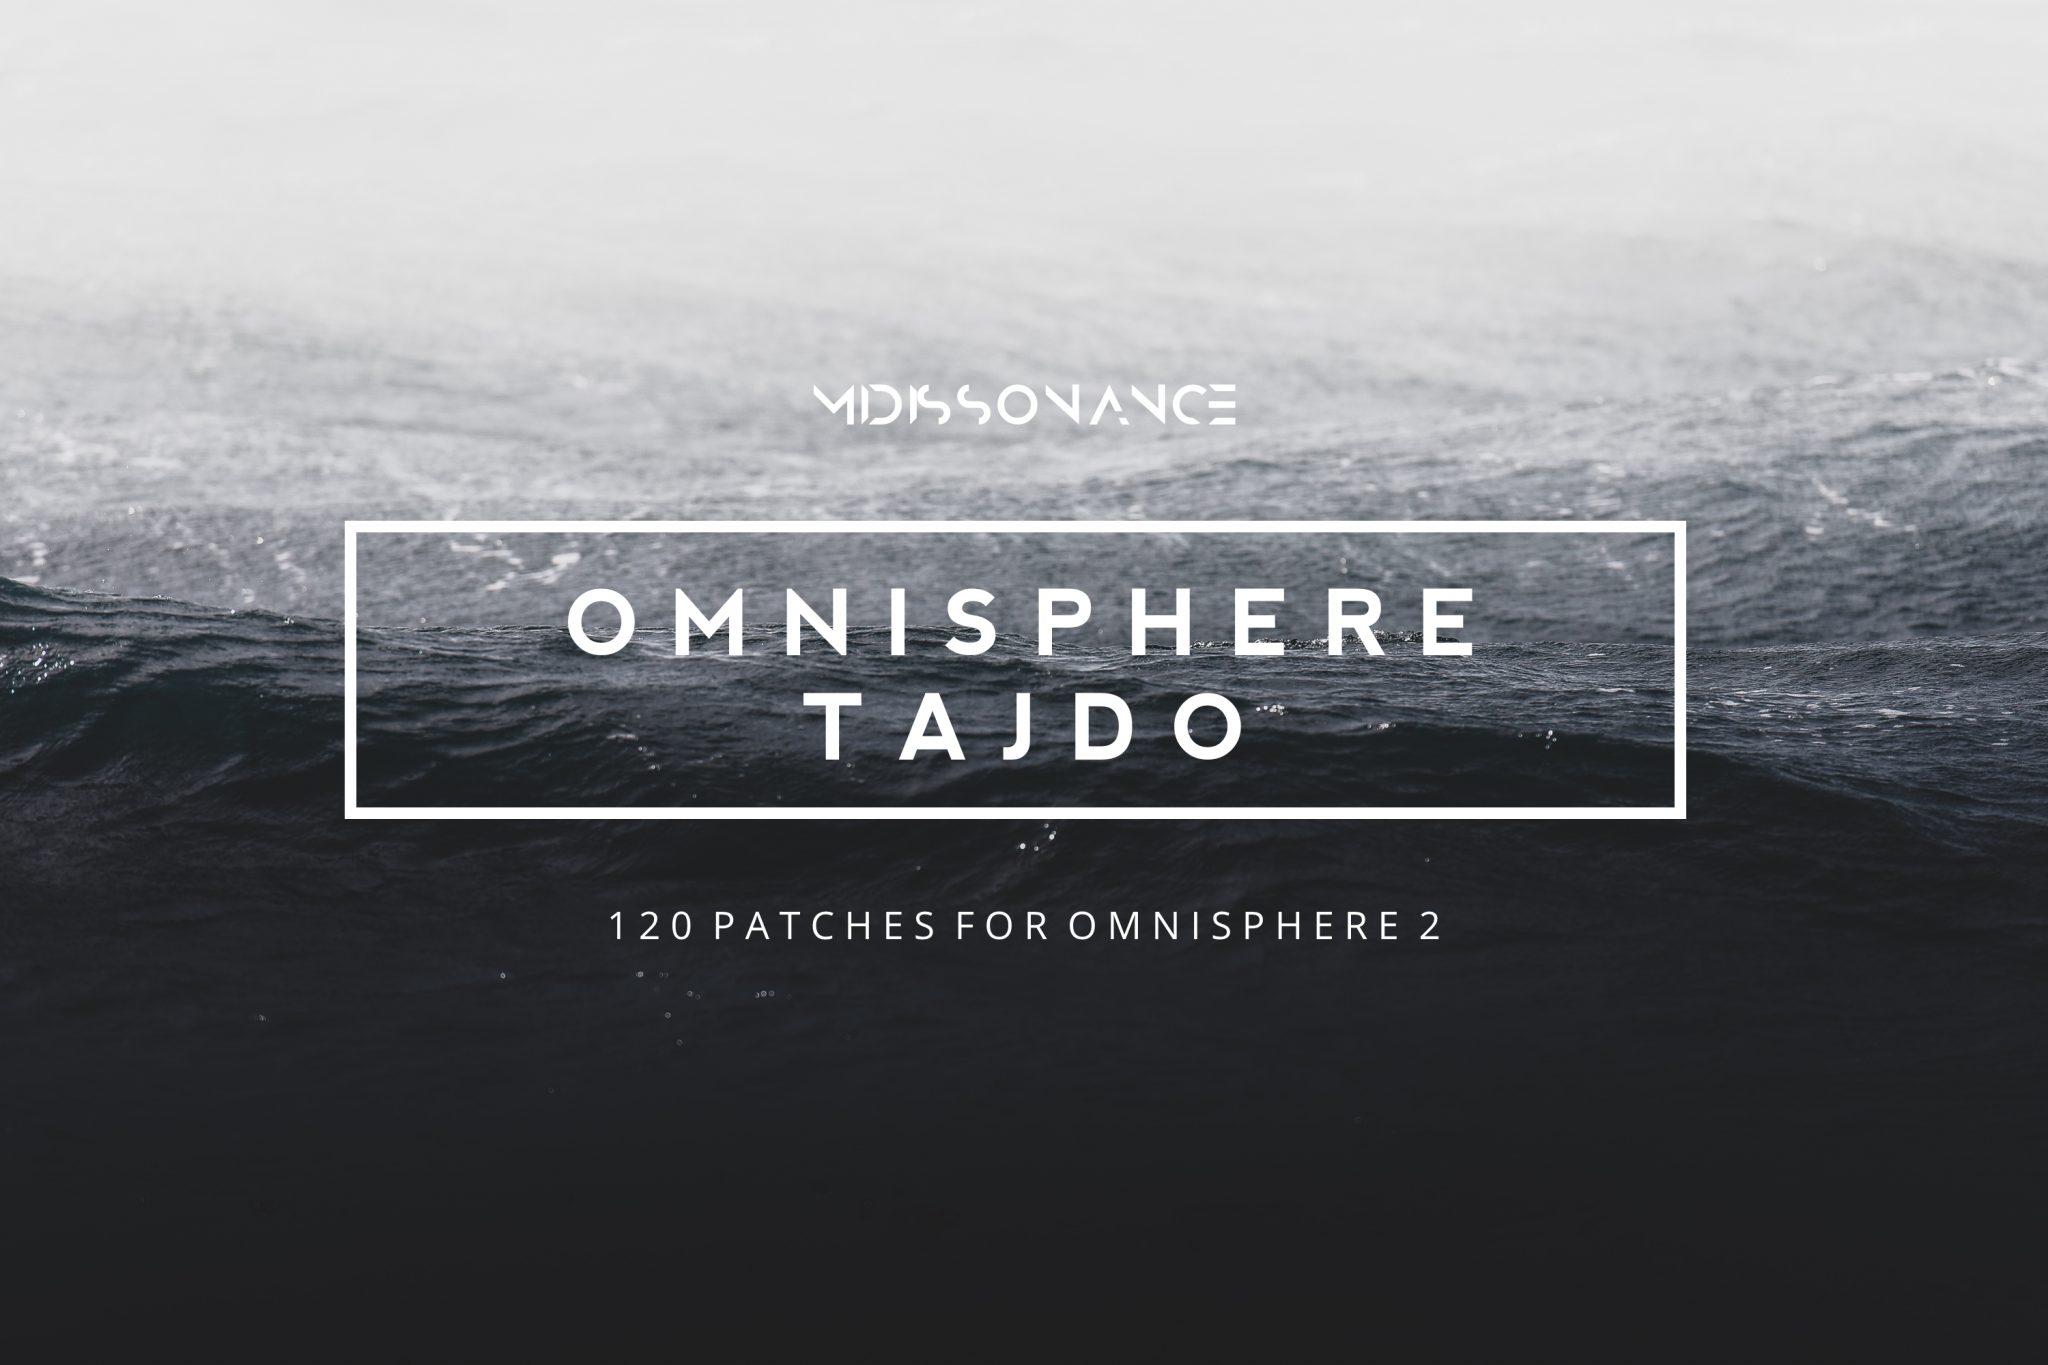 Omnisphere Tajdo